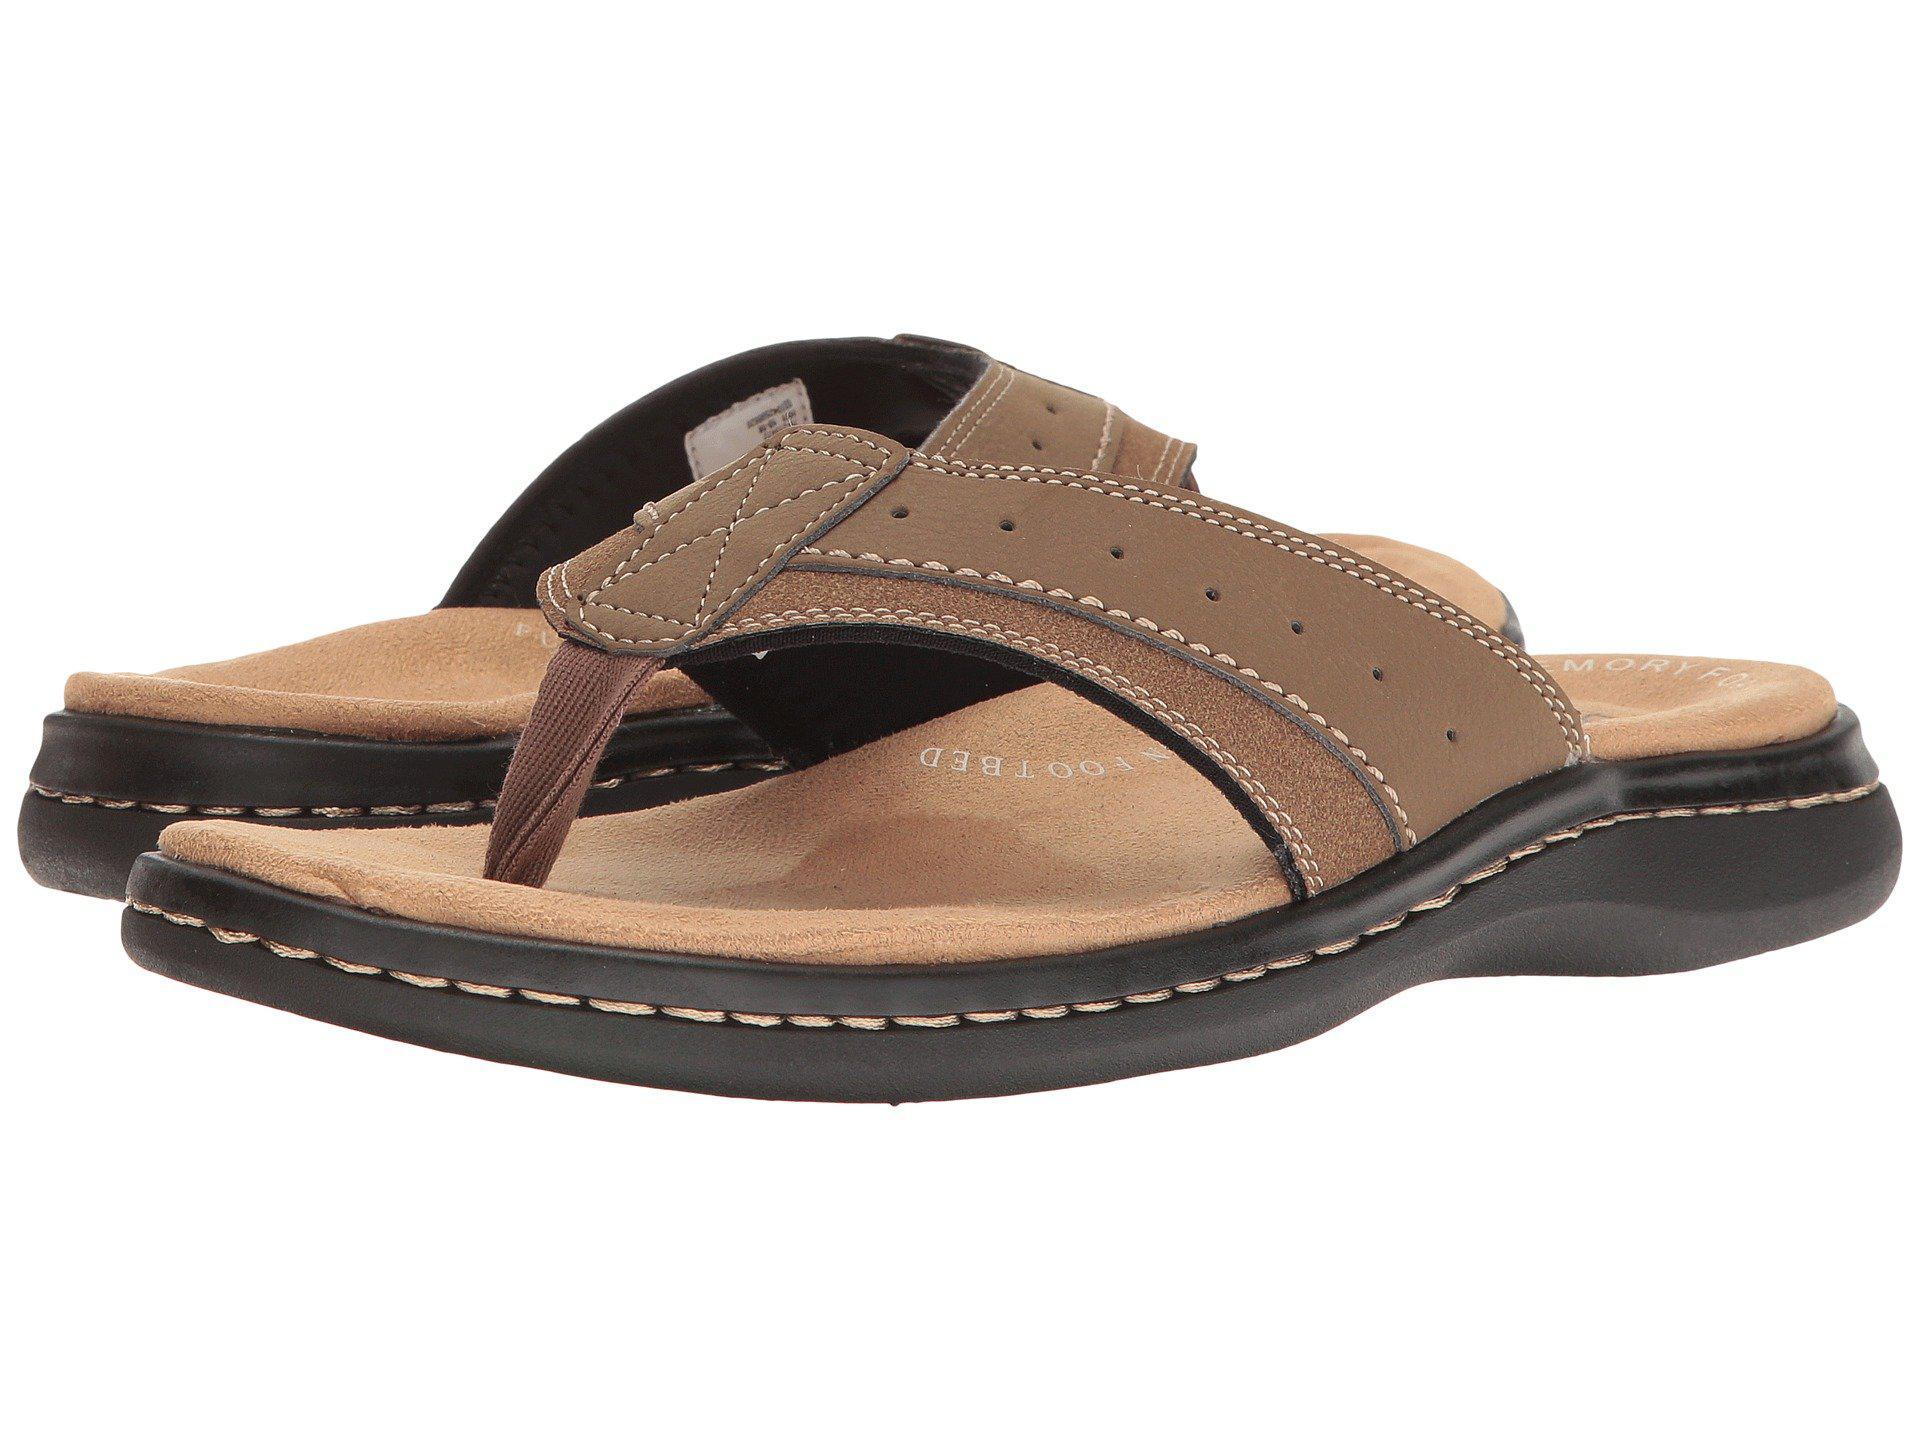 4c15f15dd Lyst - Dockers Laguna Thong Sandal (dark Tan) Men s Shoes in Brown ...